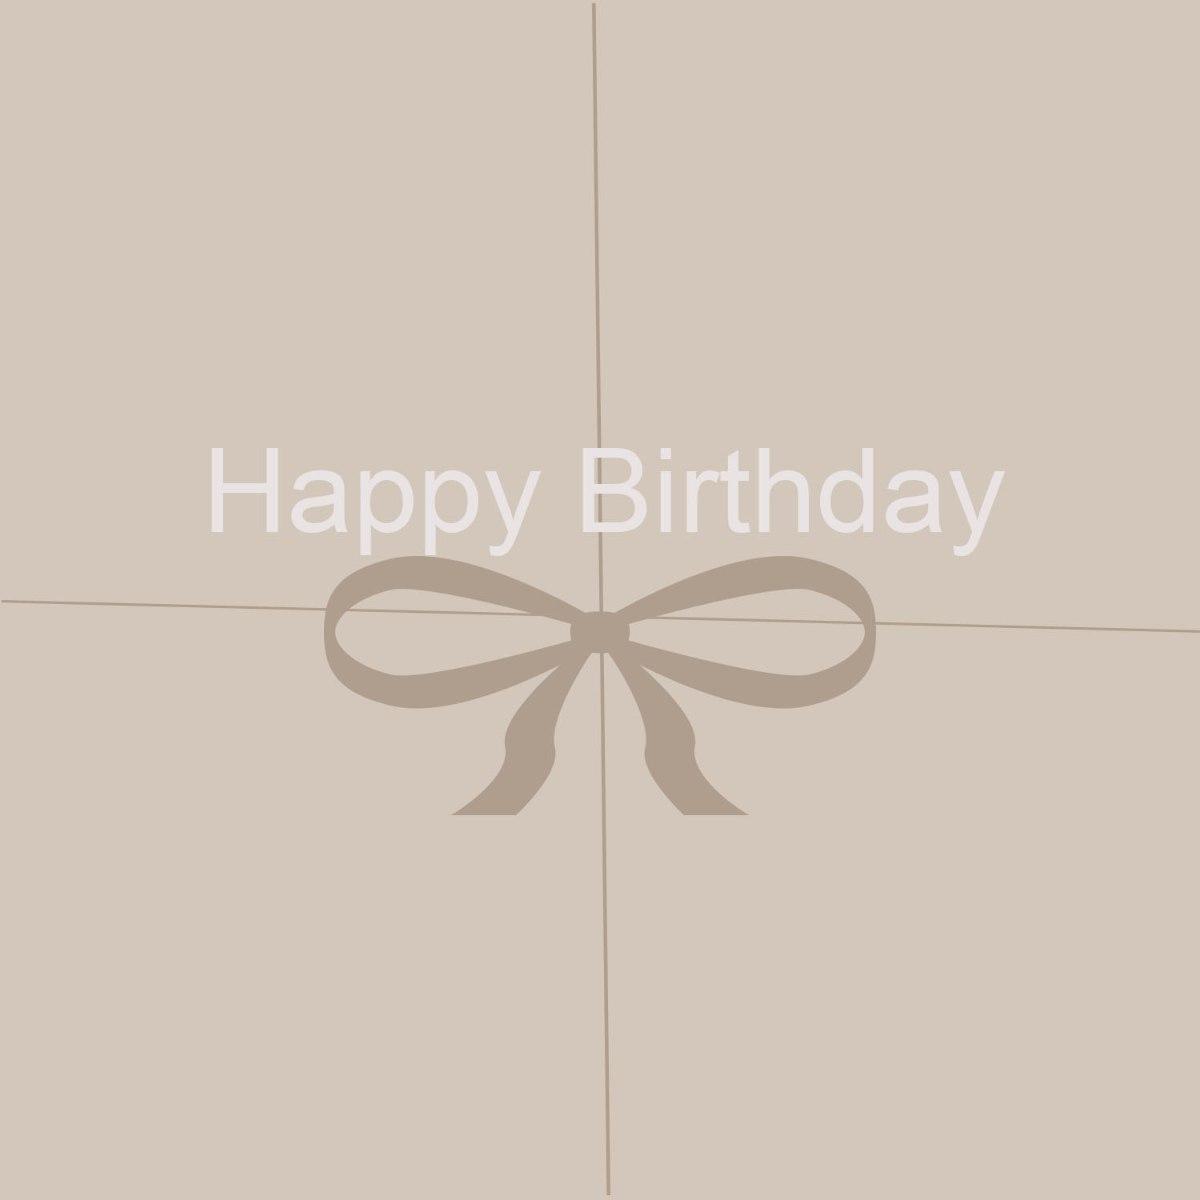 גיפט קארד יום הולדת